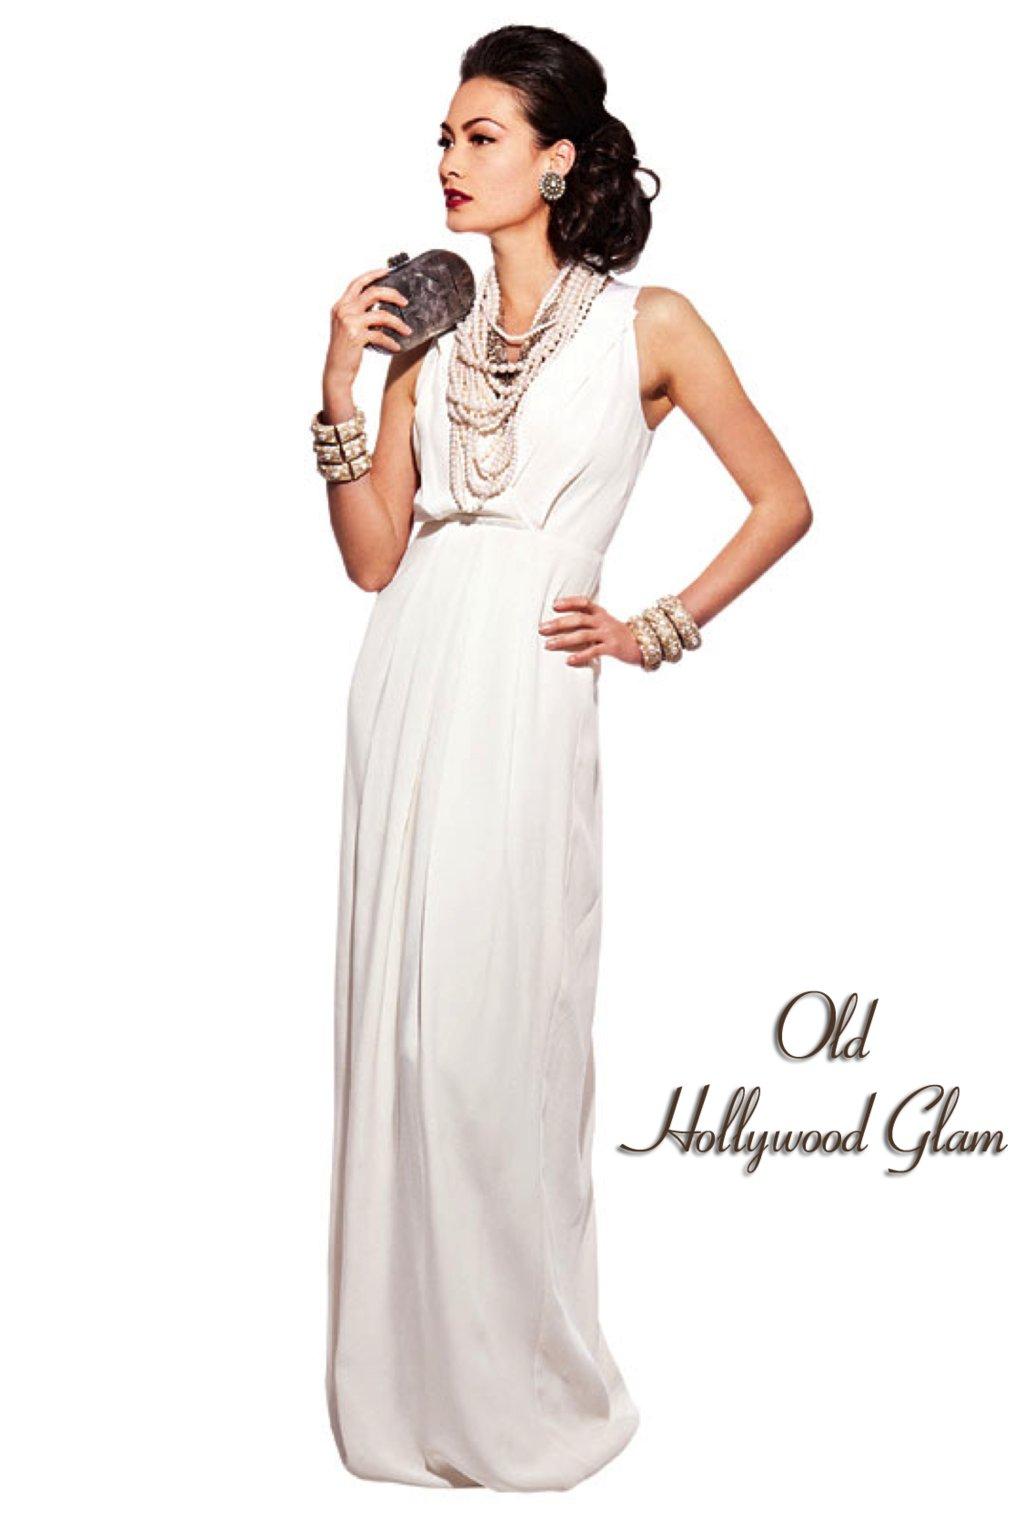 J-crew-wedding-dress-old-hollywood-gla-bridal-gowns-retro-wedding-style.full